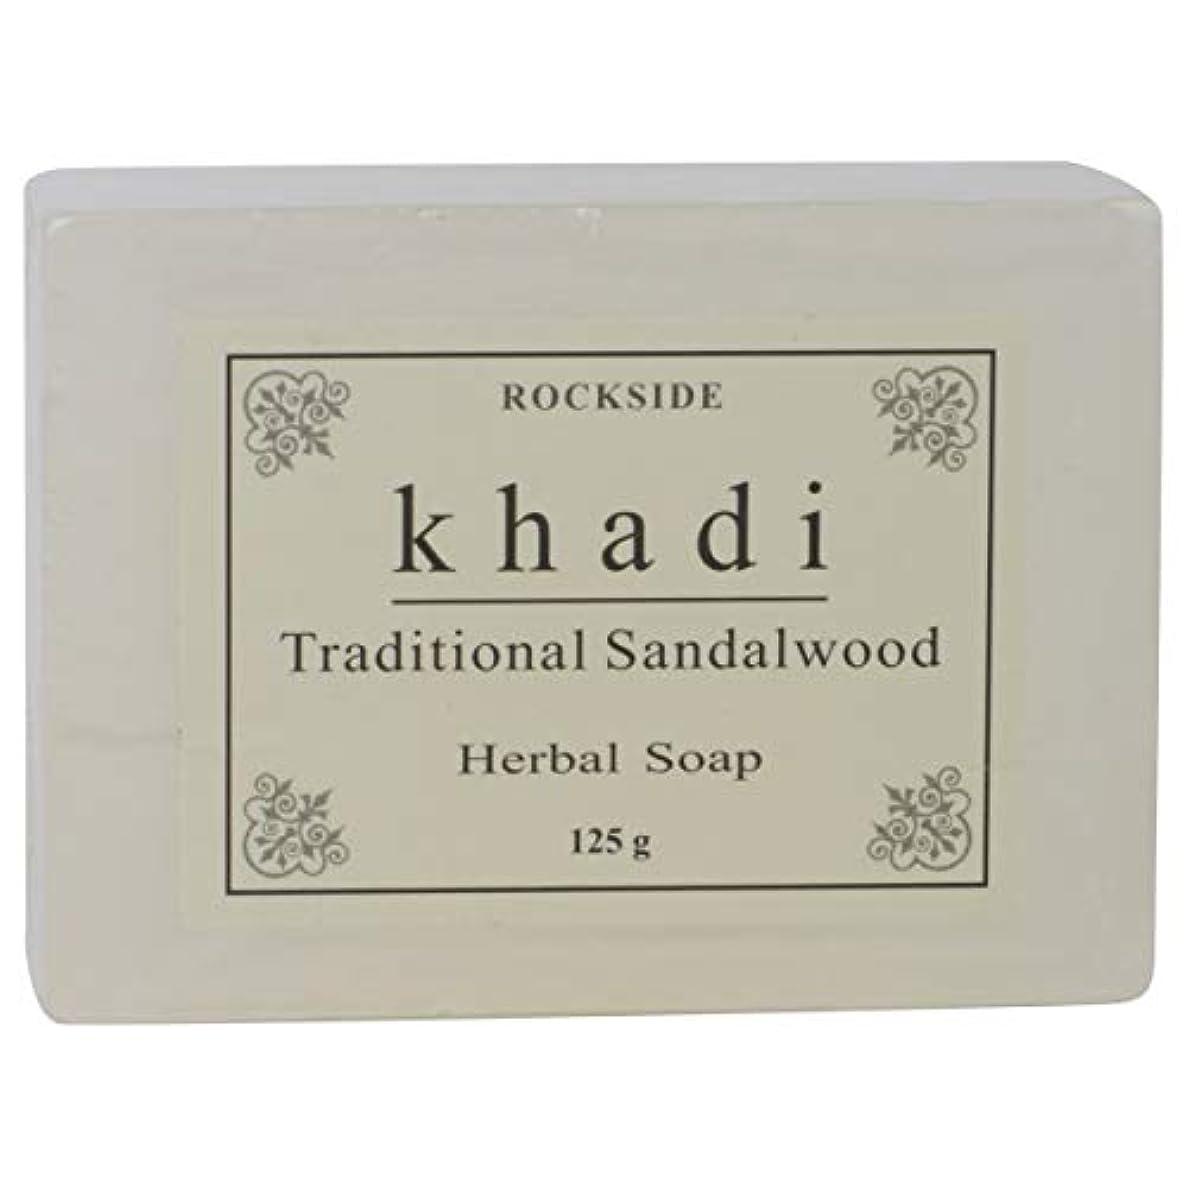 イヤホン遺棄されたロッド手作り カーディ サンダルウッド ソープKhadi Traditional Sandalwood Soap